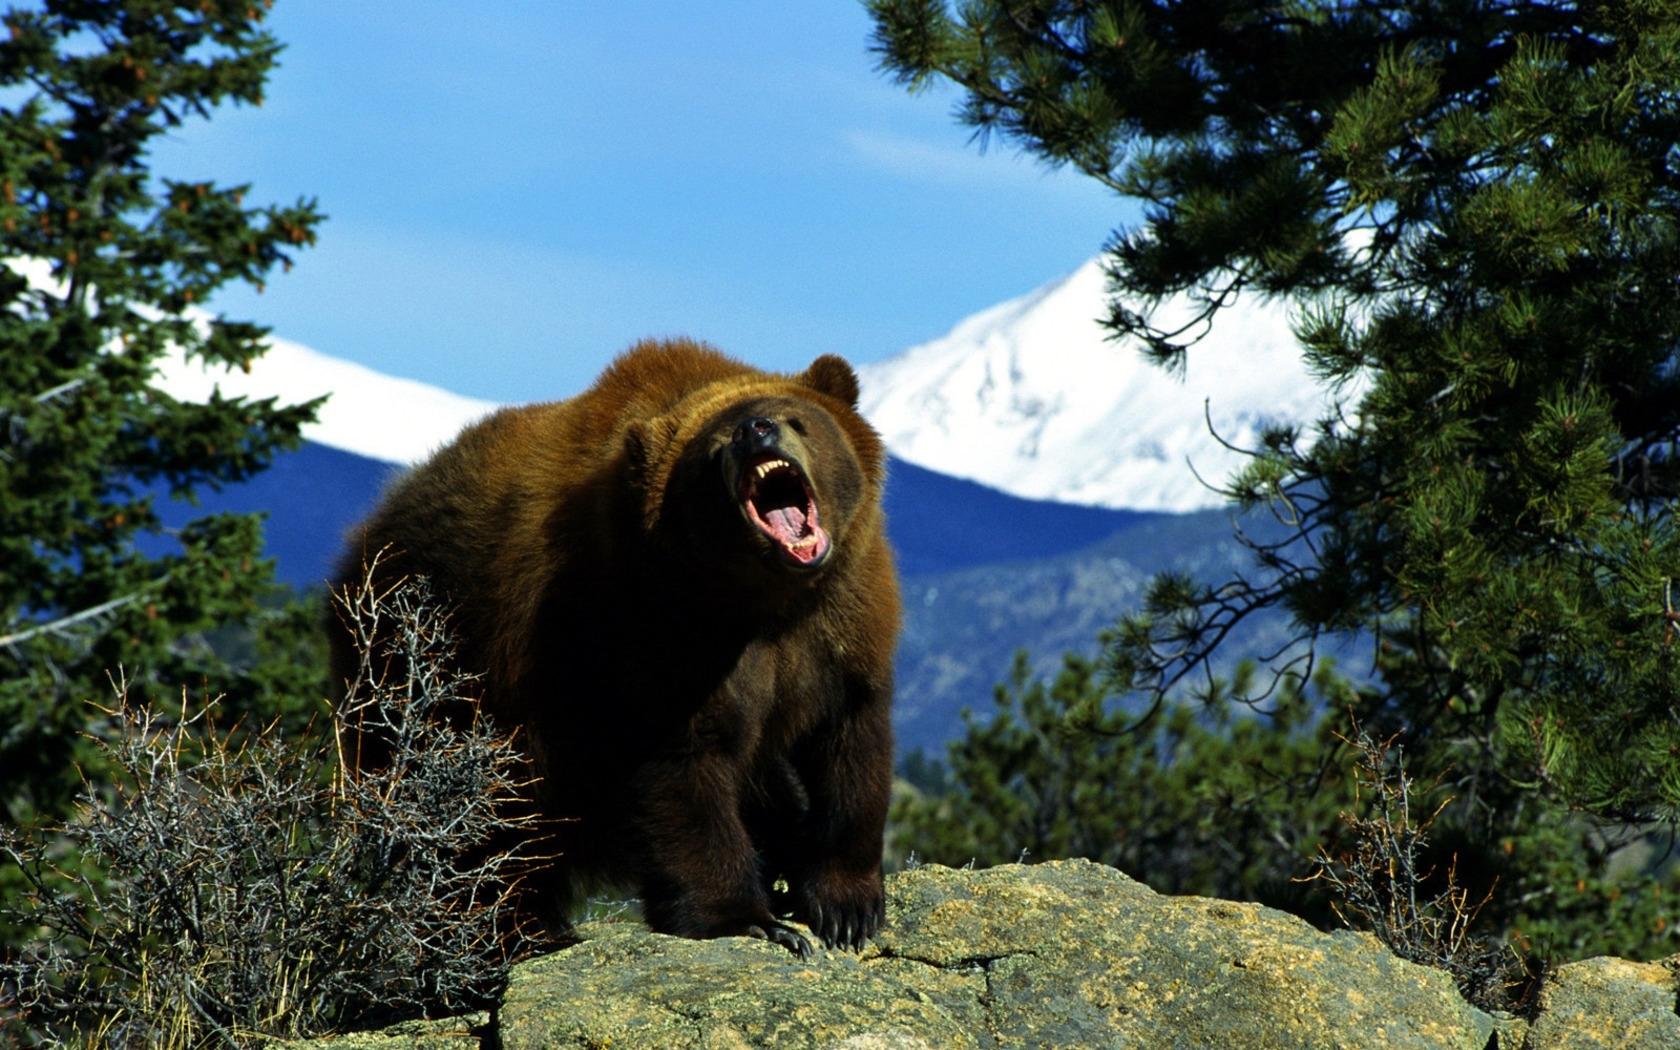 49518 Заставки и Обои Медведи на телефон. Скачать Медведи, Животные картинки бесплатно